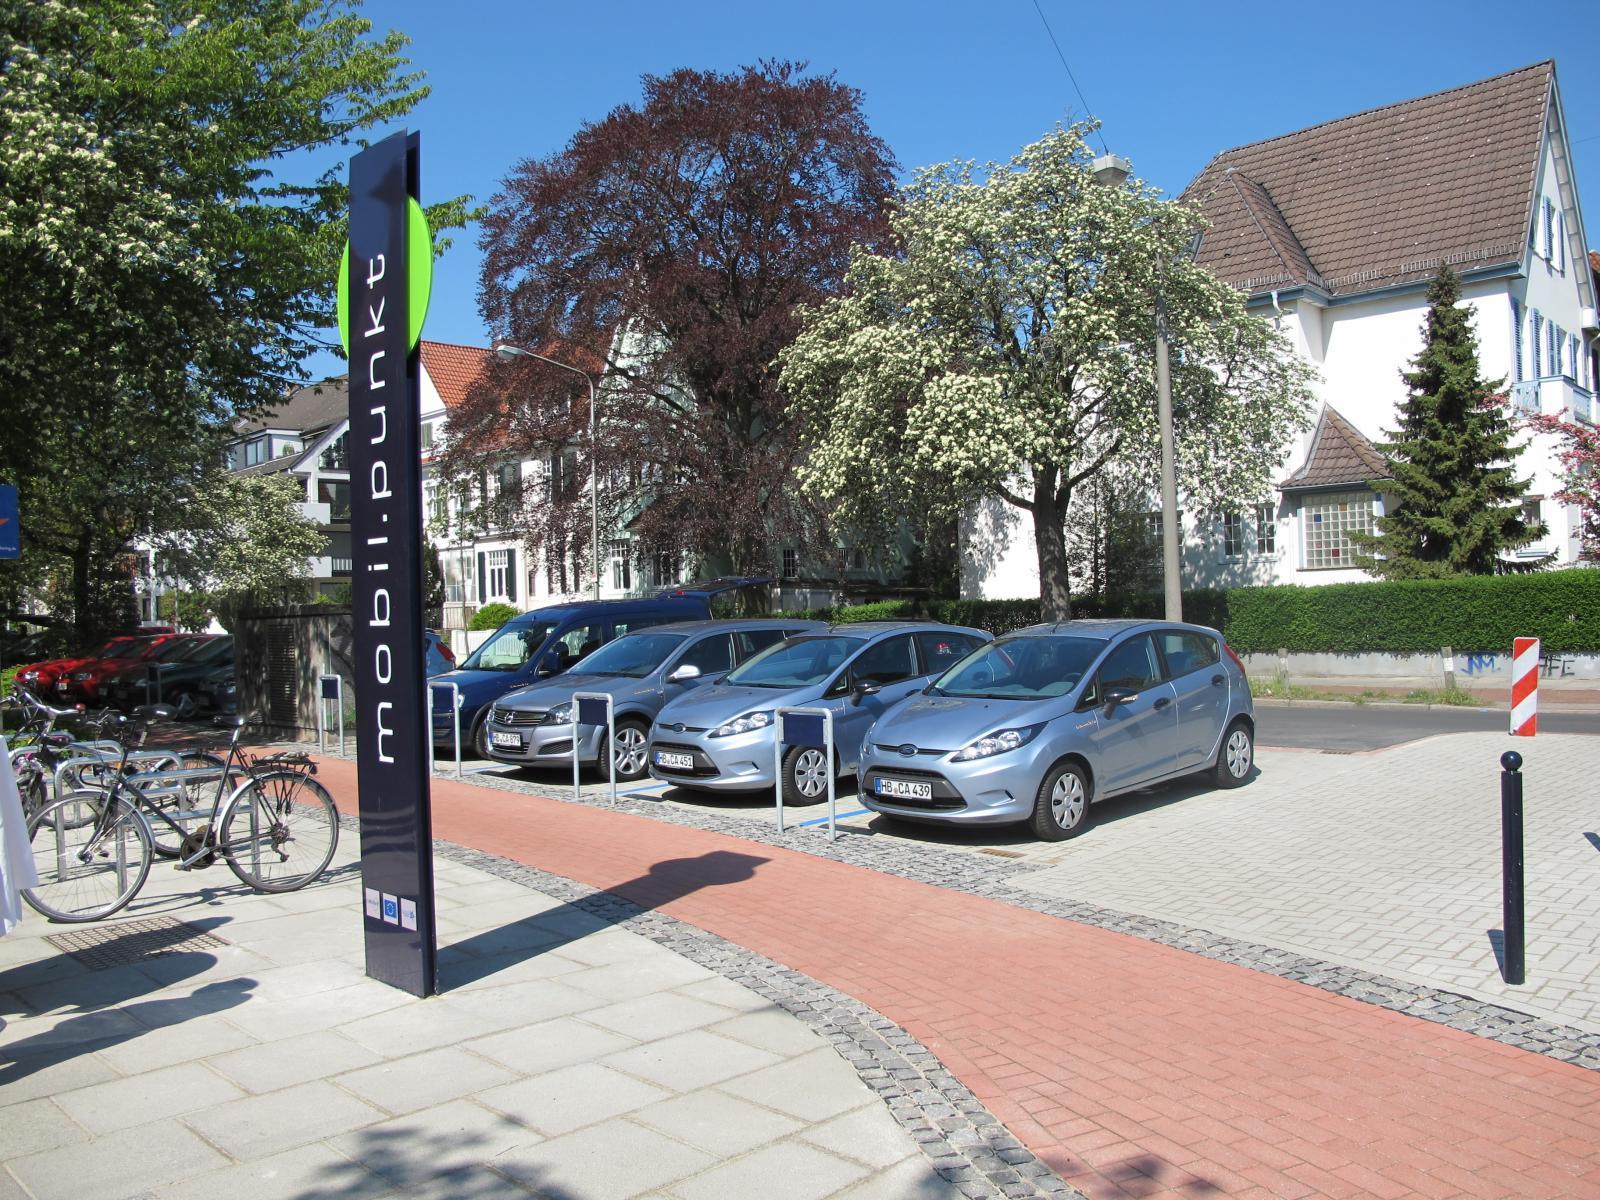 Foto: Freie Hansestadt Bremen